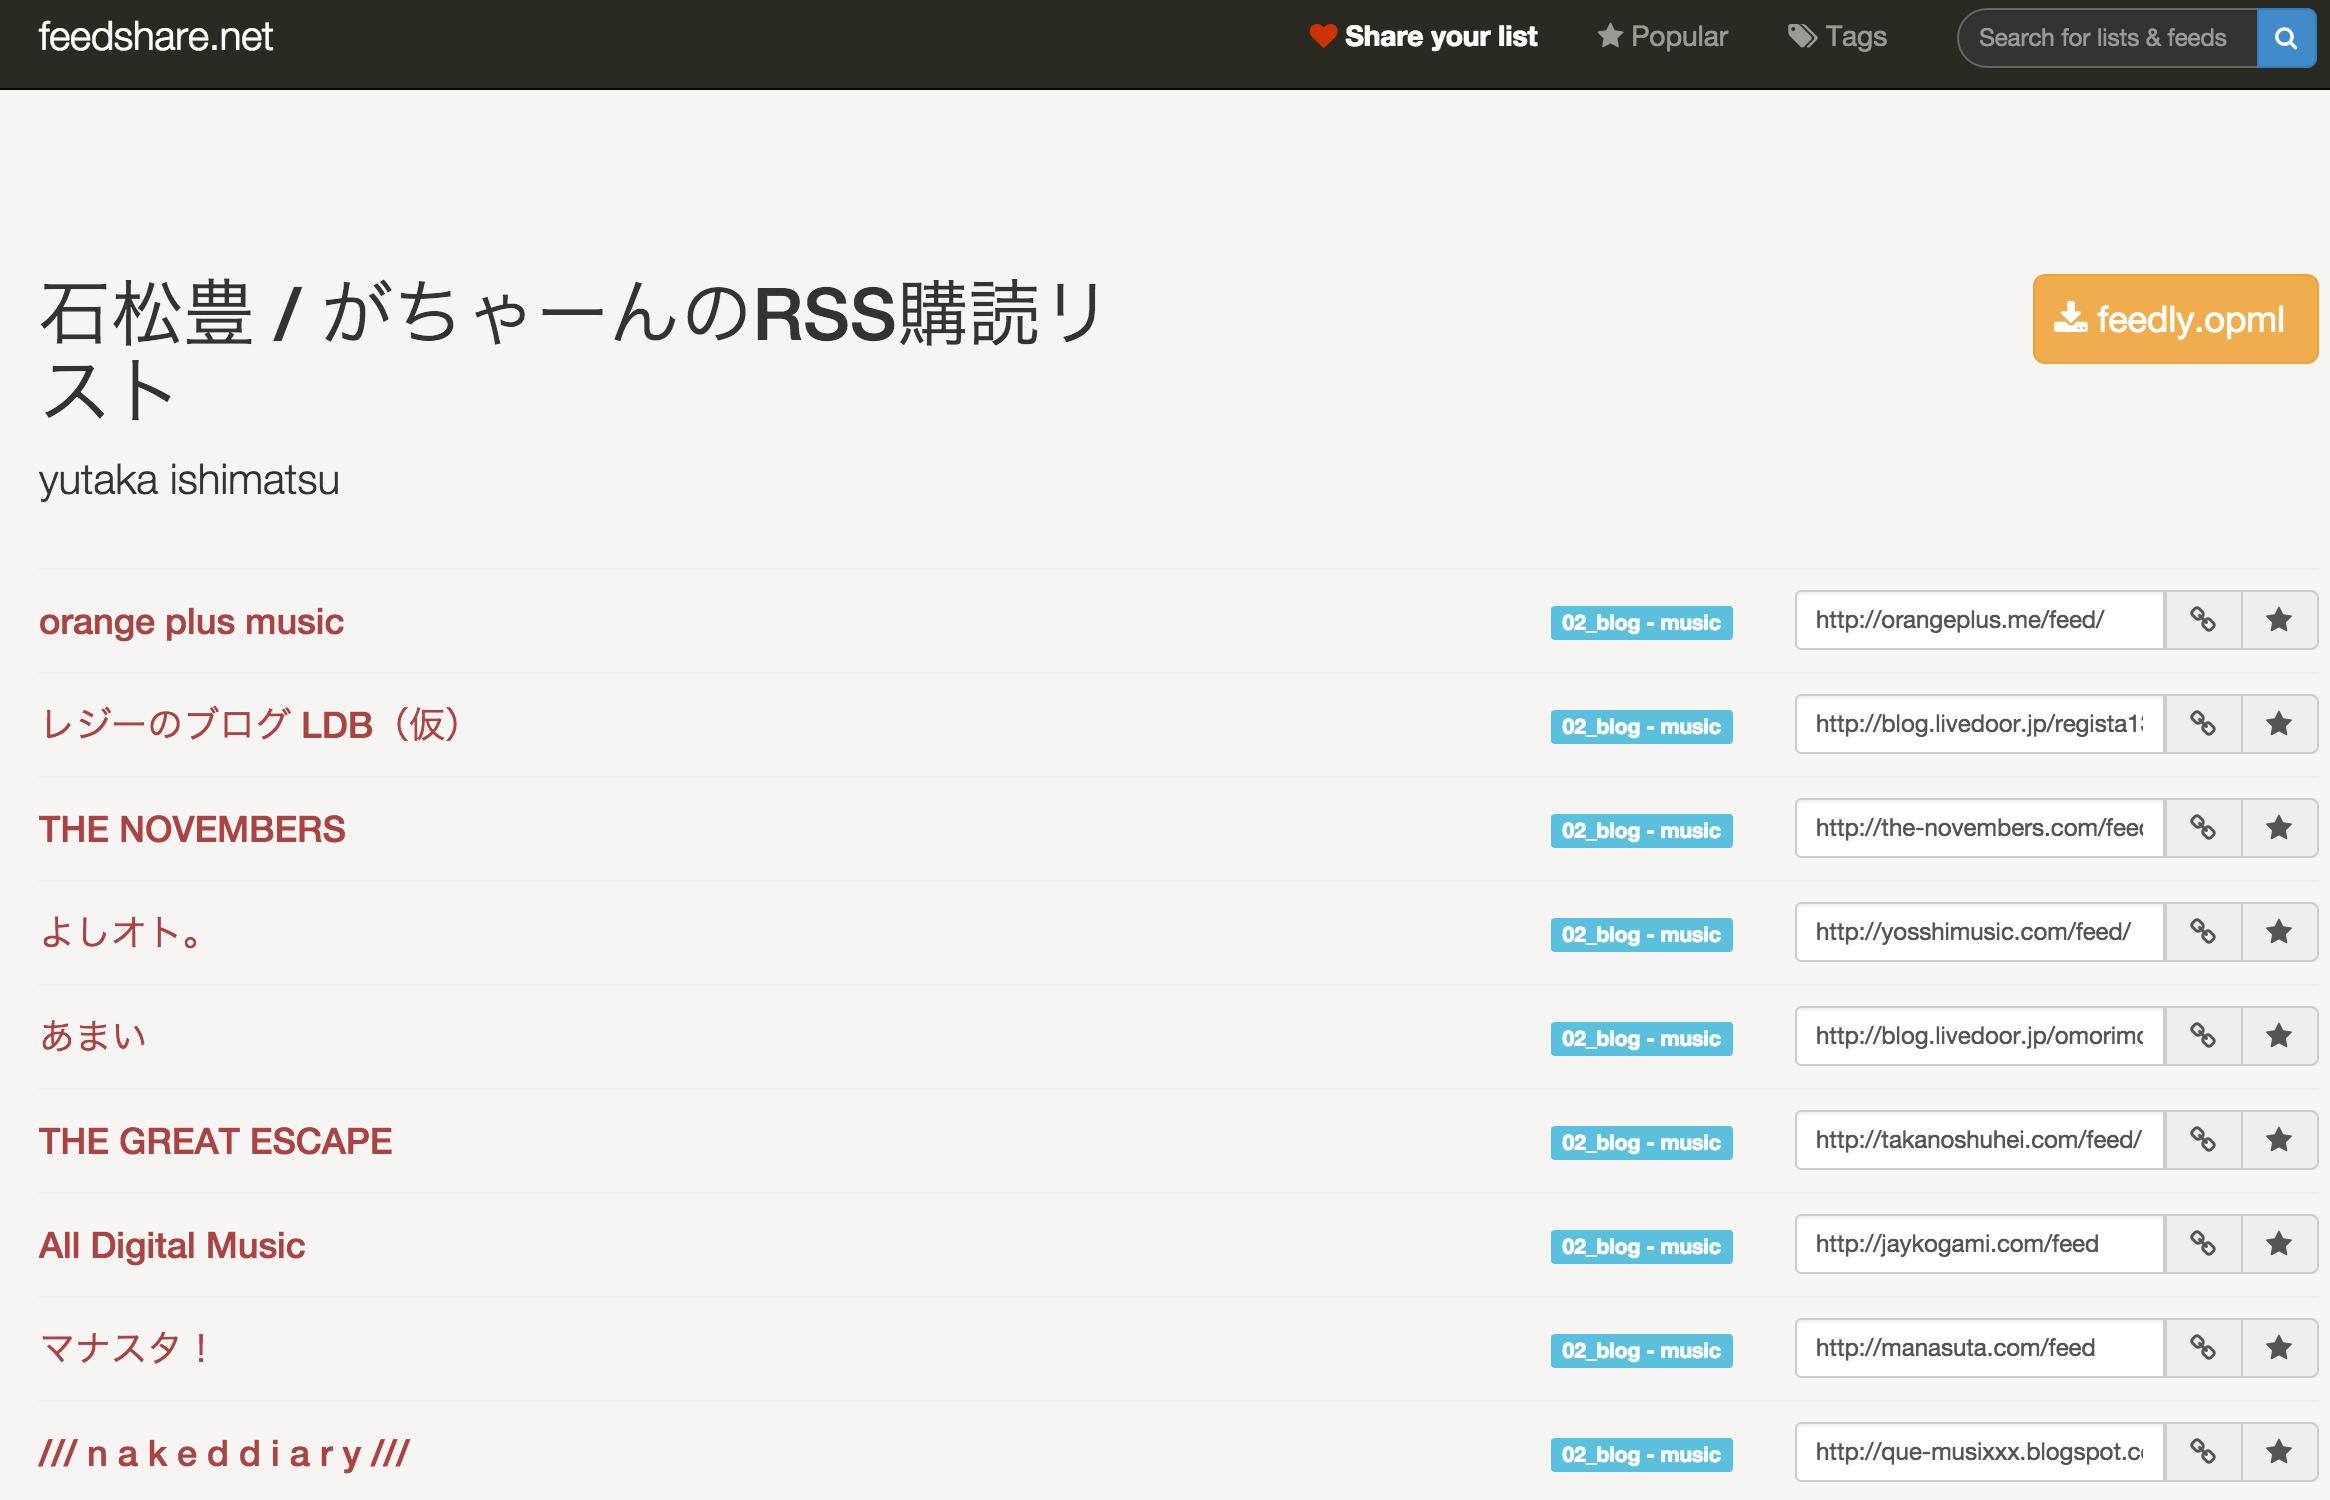 石松豊 / がちゃーんのRSS購読リスト by yutaka ishimatsu - feedshare.net